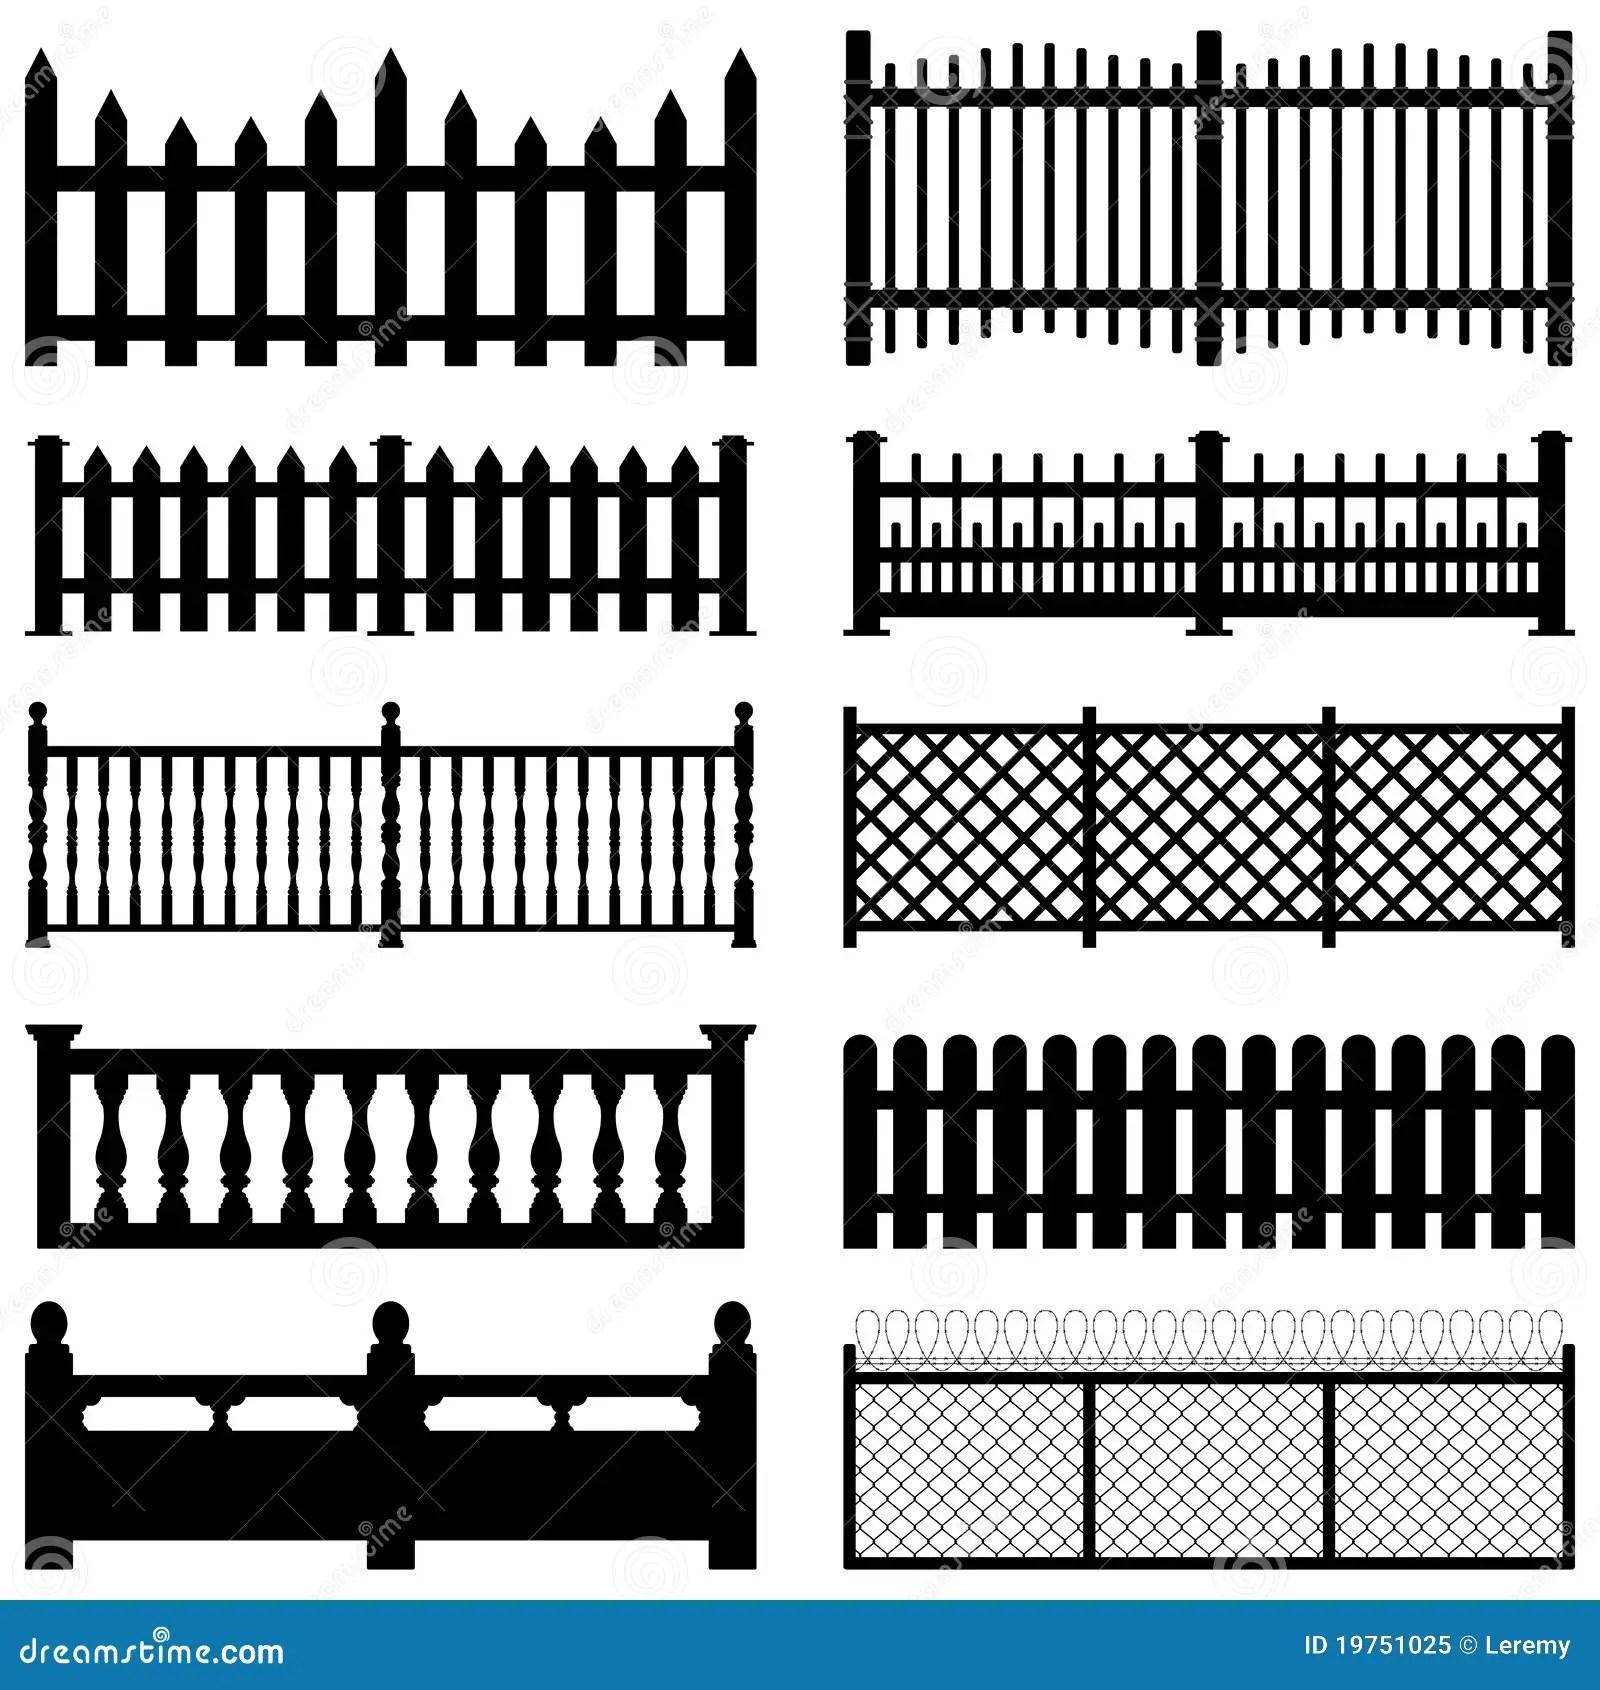 Fence Picket Wooden Wired Brick Garden Park Yard Stock